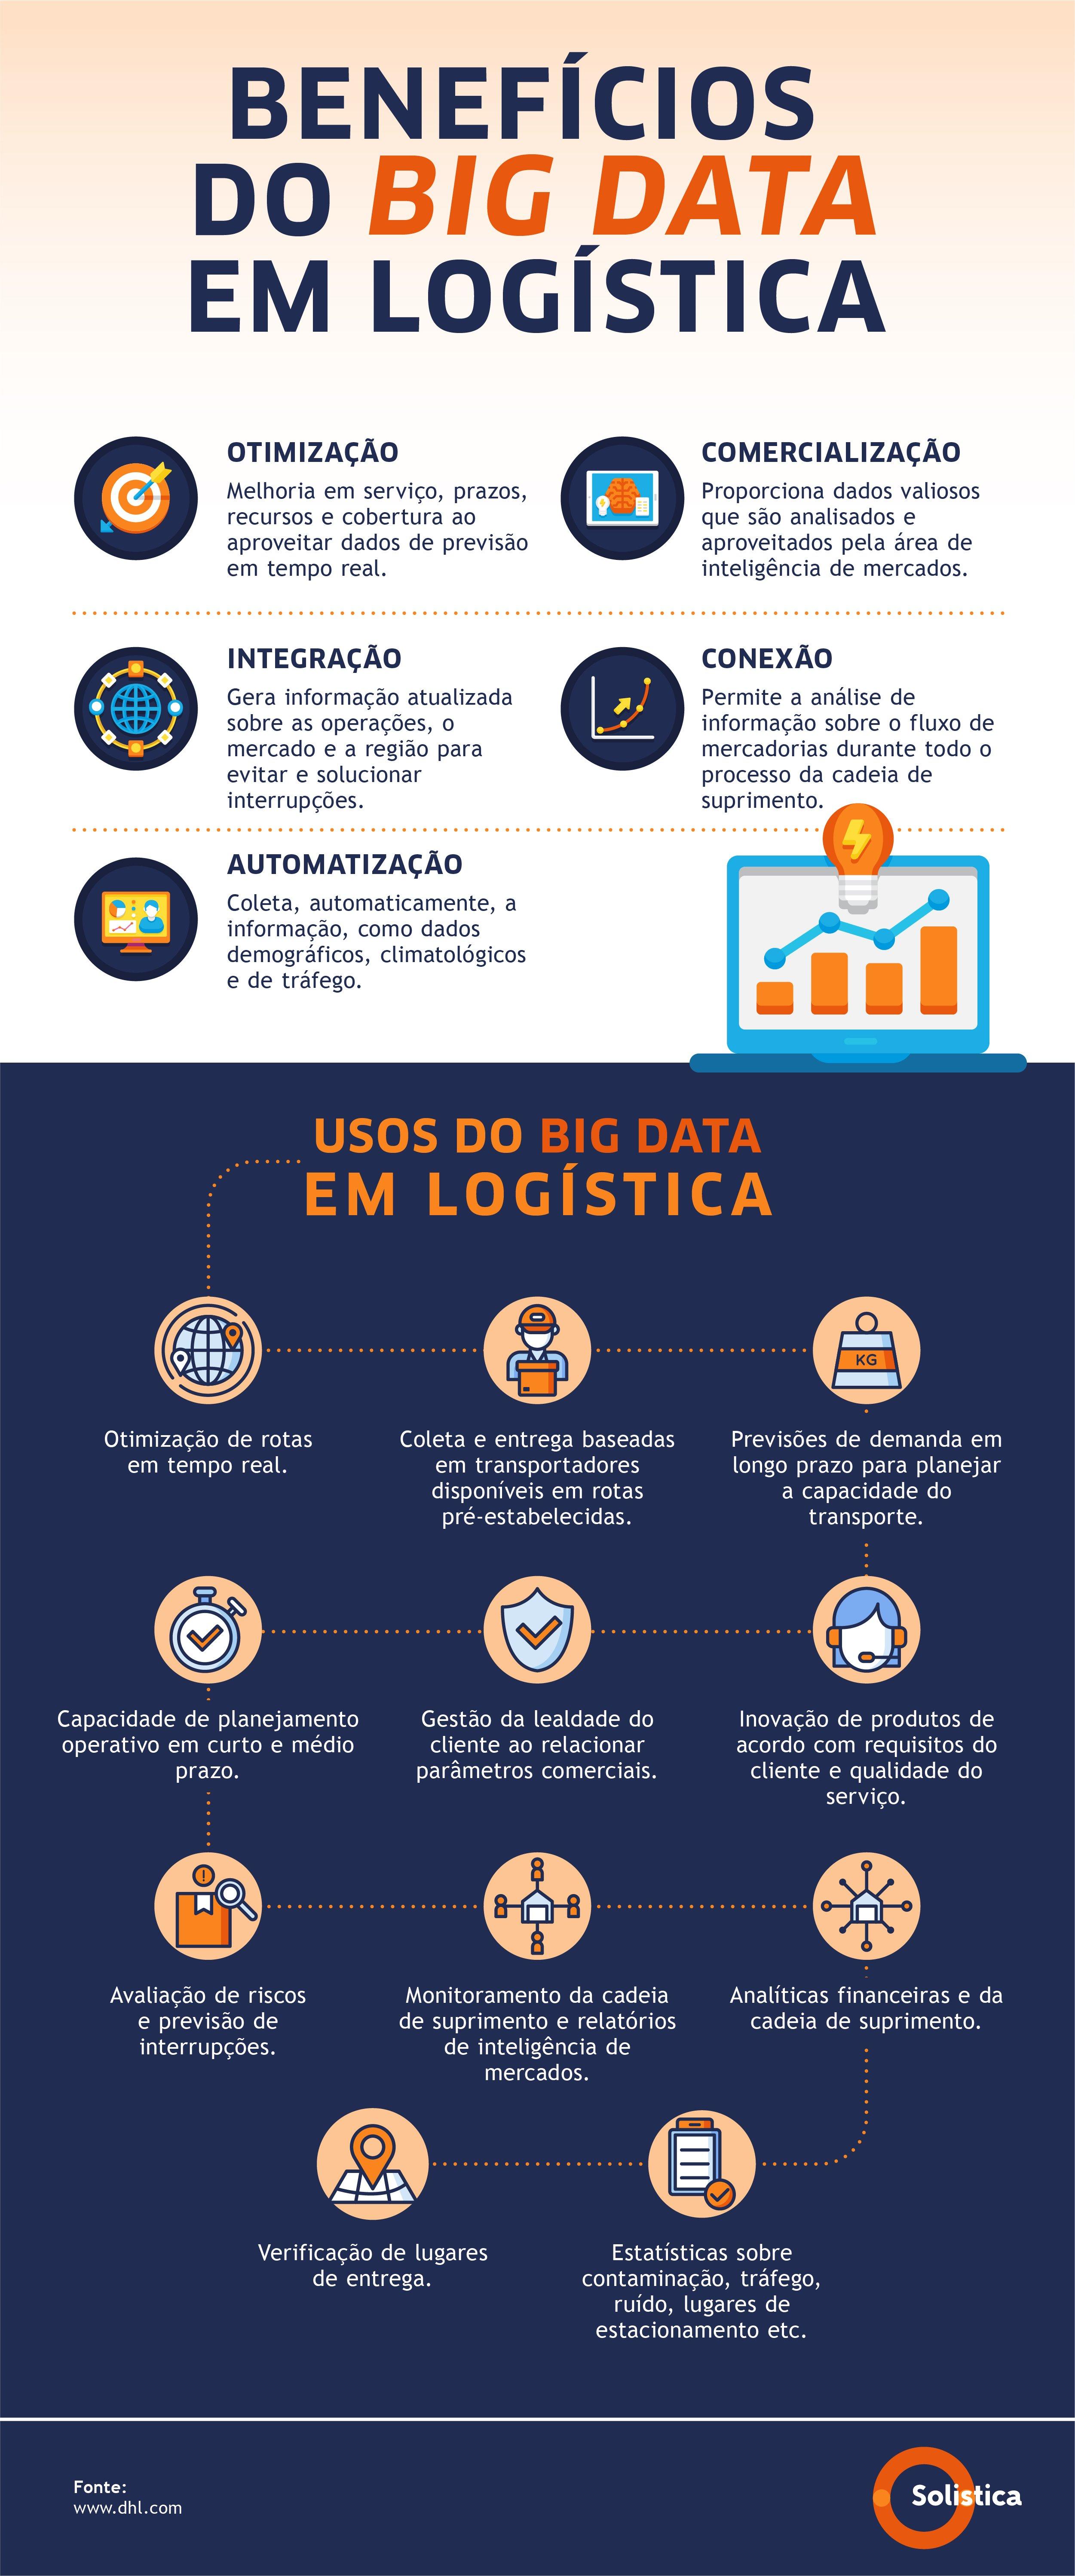 SOL-Blog no. 3 DIC Big data transforma la logística V3-VFPORTUGUÊS